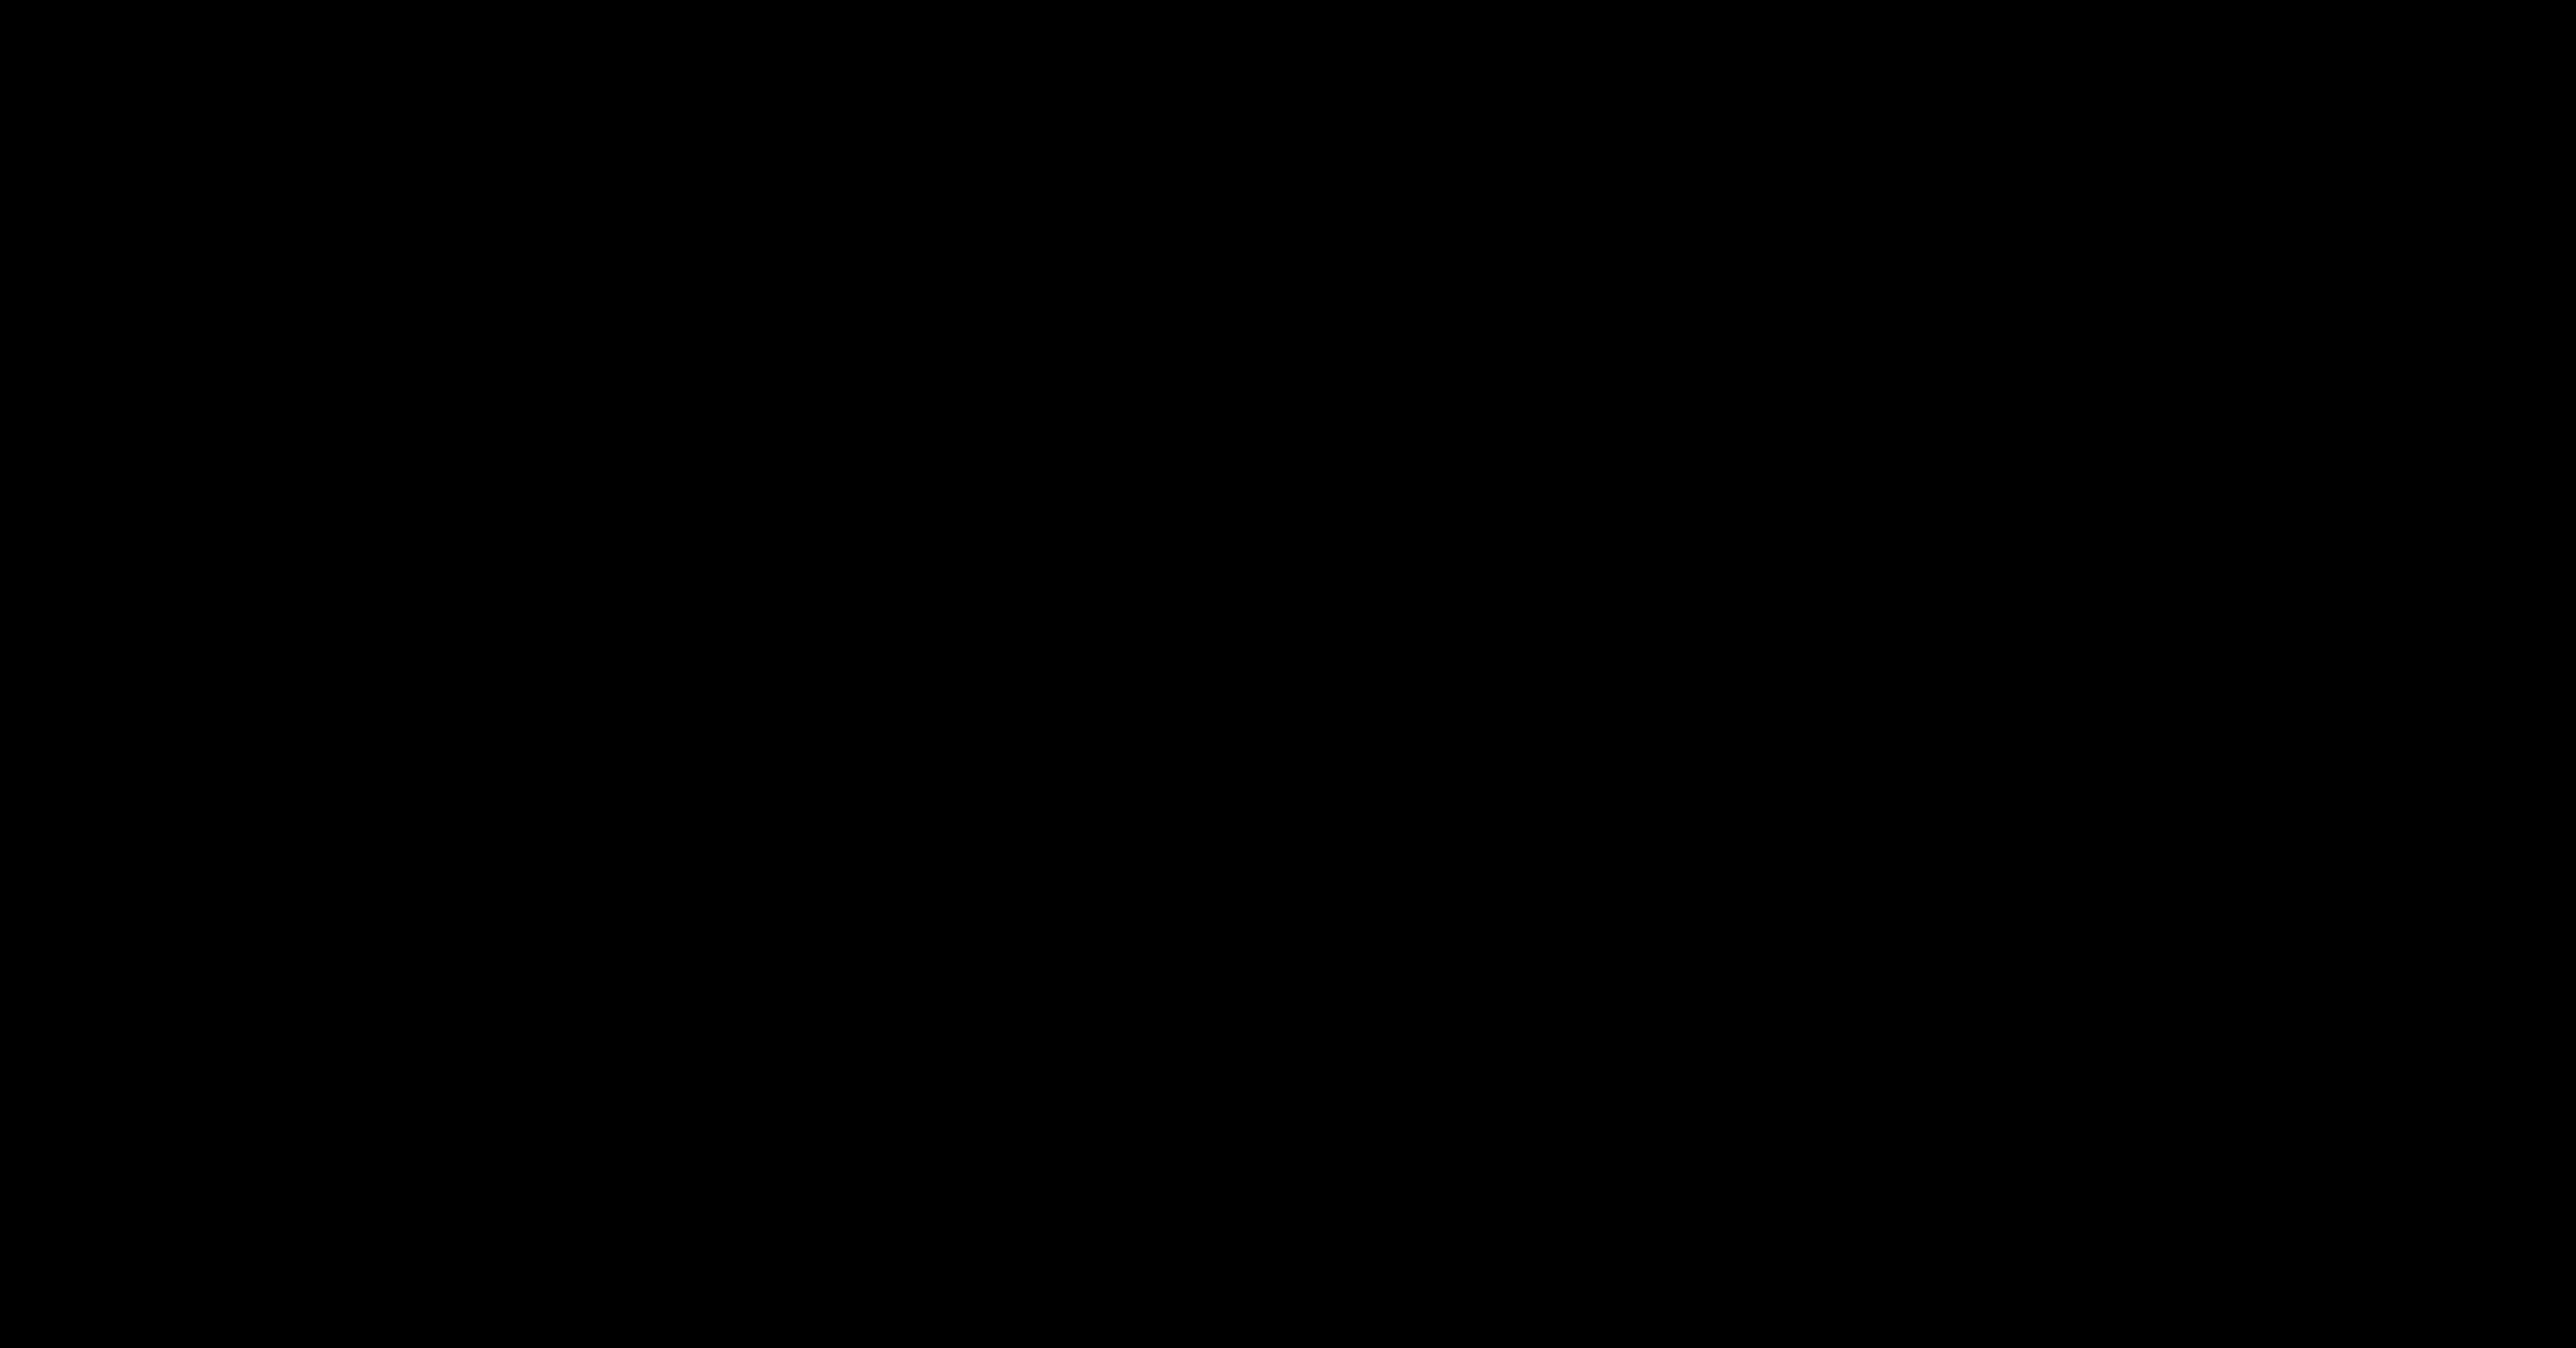 Biotin-5-fluorescein